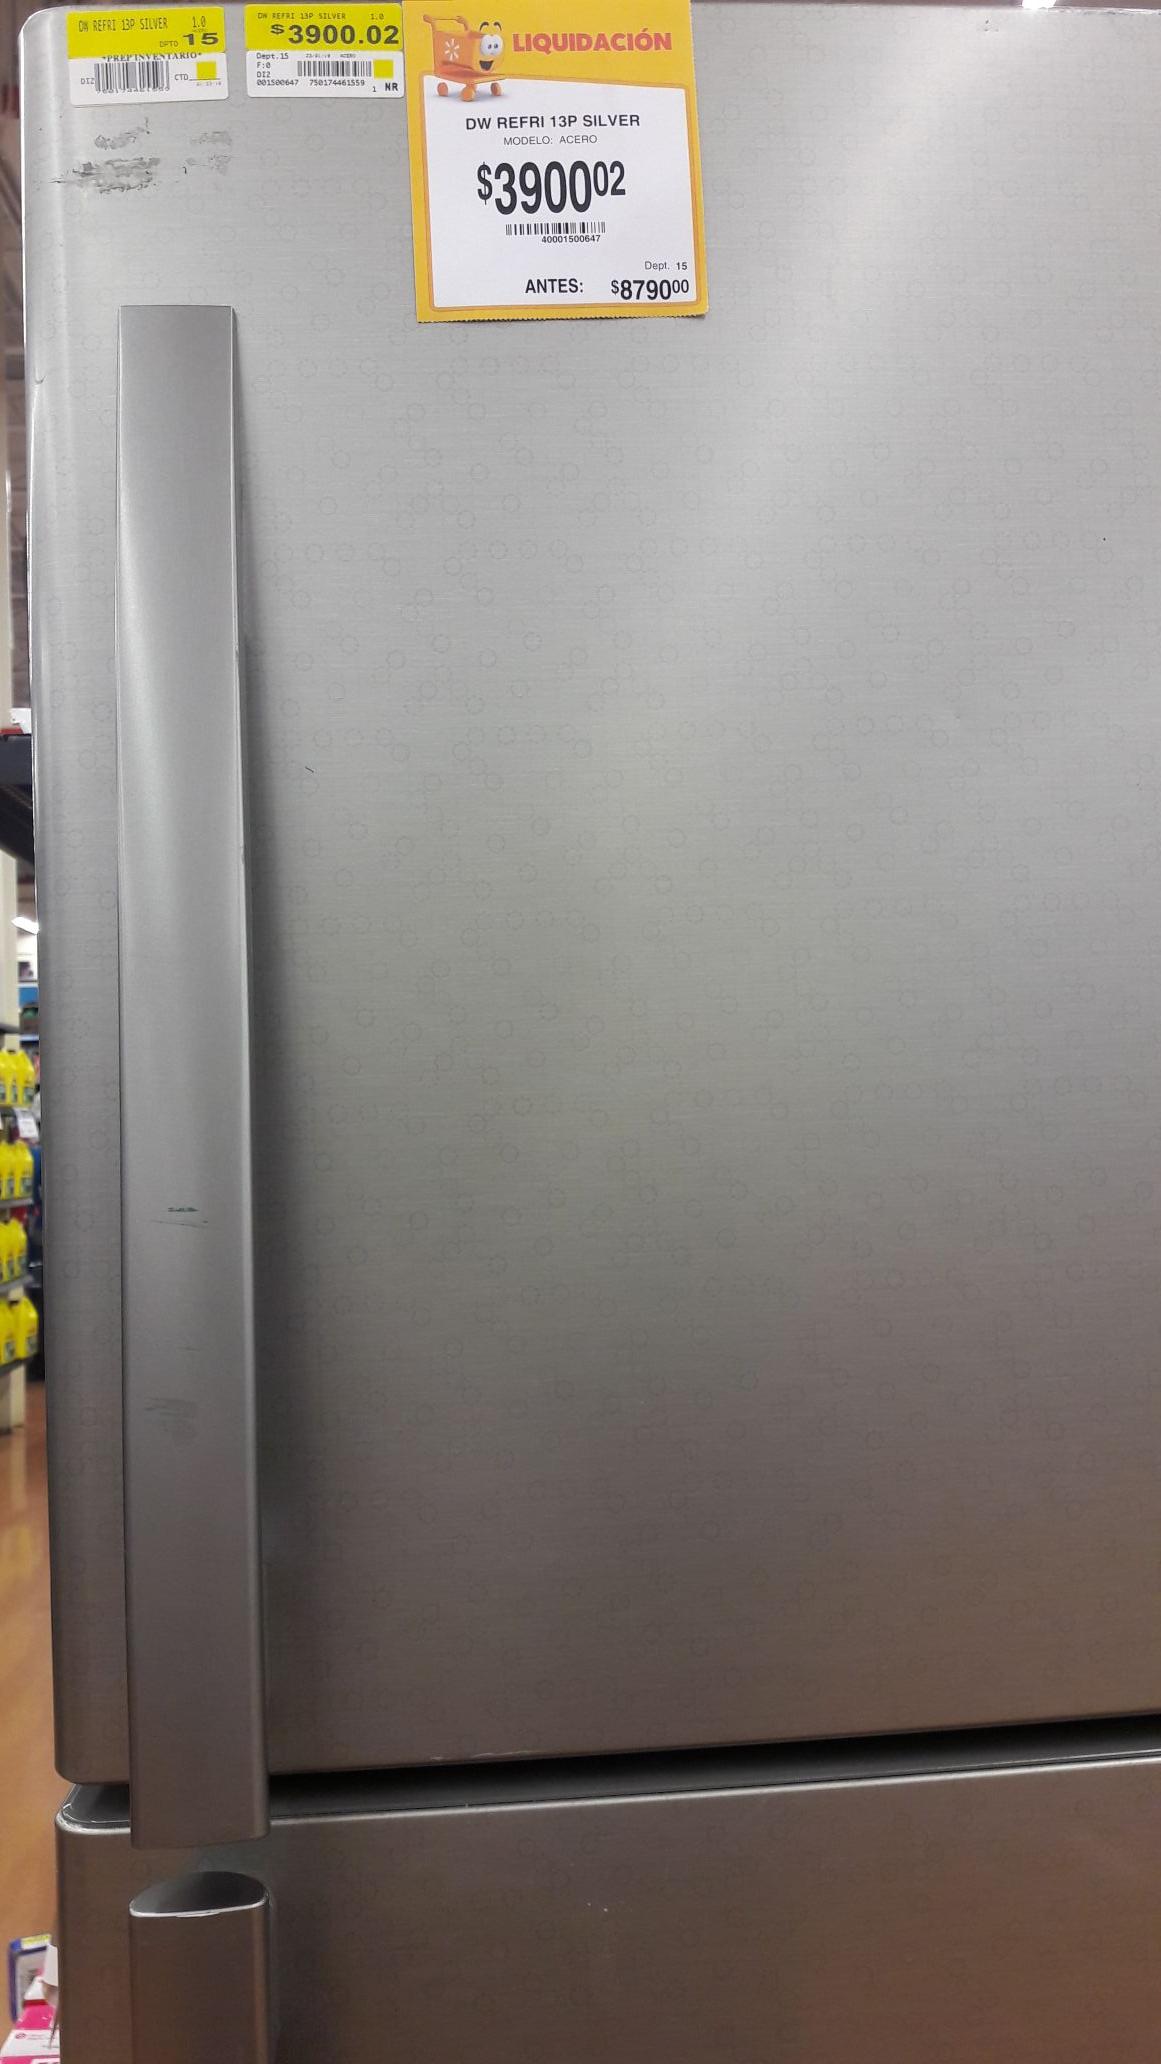 """Walmart: Refrigerador Daewoo de 13"""" en .02"""